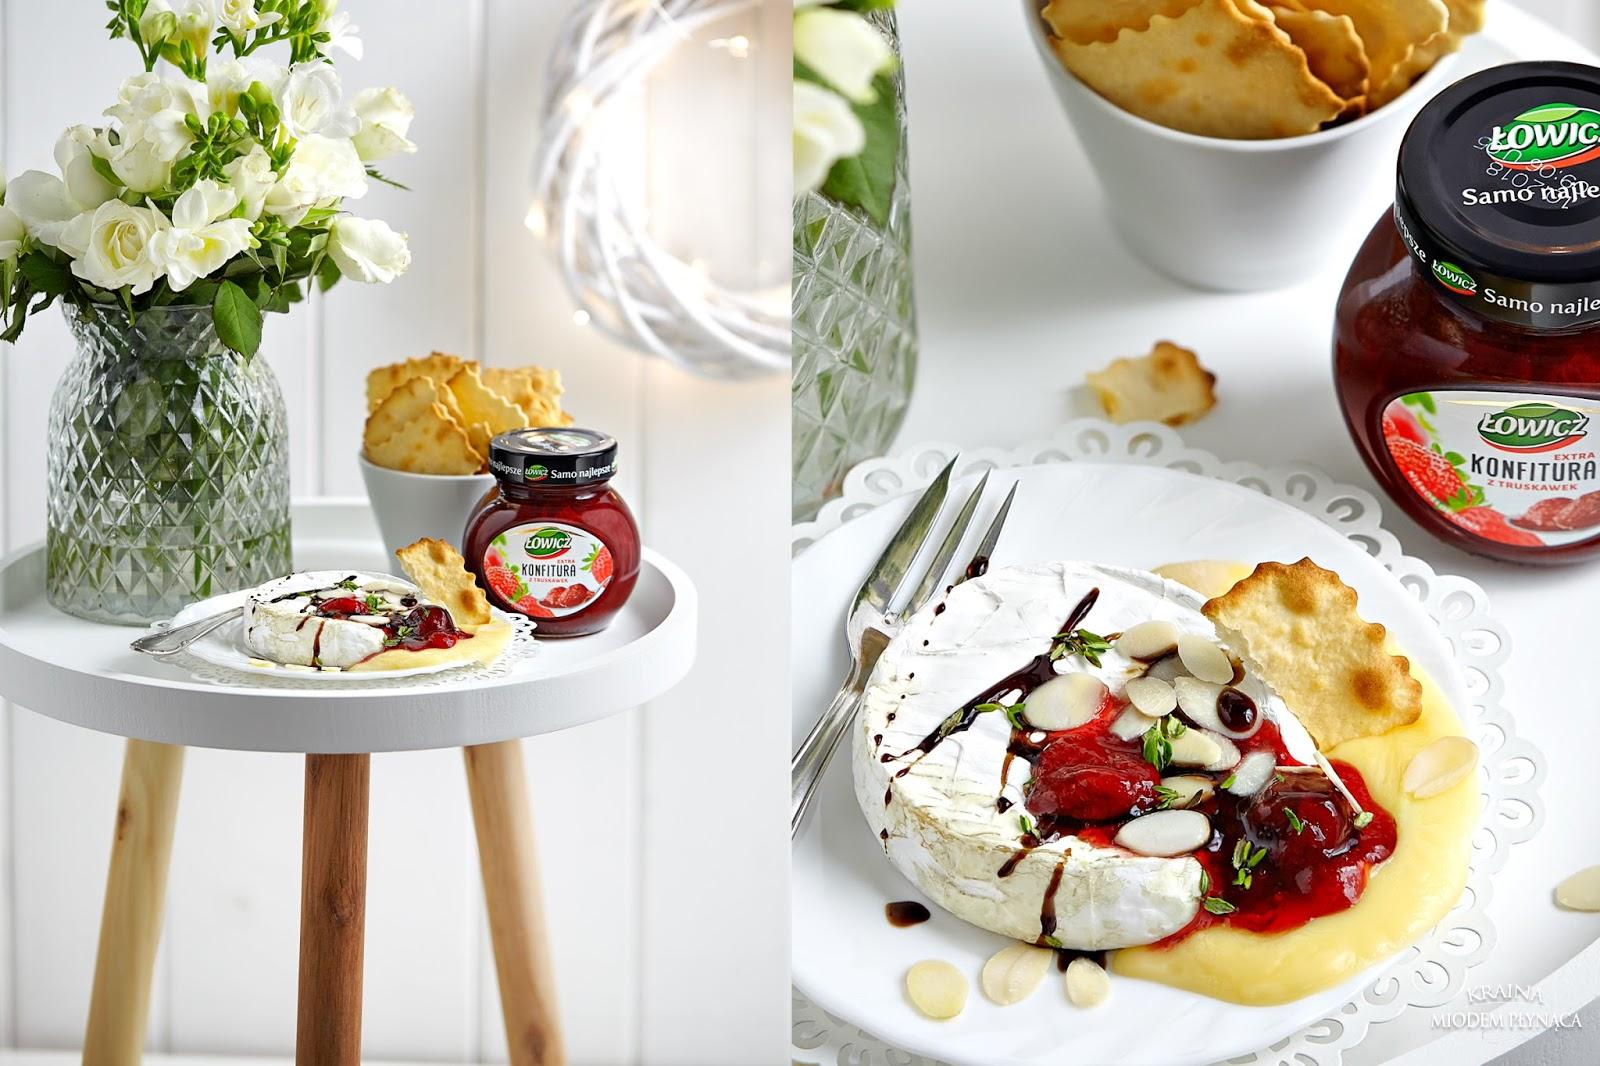 pieczony camembert, camembert z piekarnika, danie na imprezę, danie imprezowe, camembert z dżemem, konfitura łowicz, kraina miodem płynąca, fotografia kulinarna